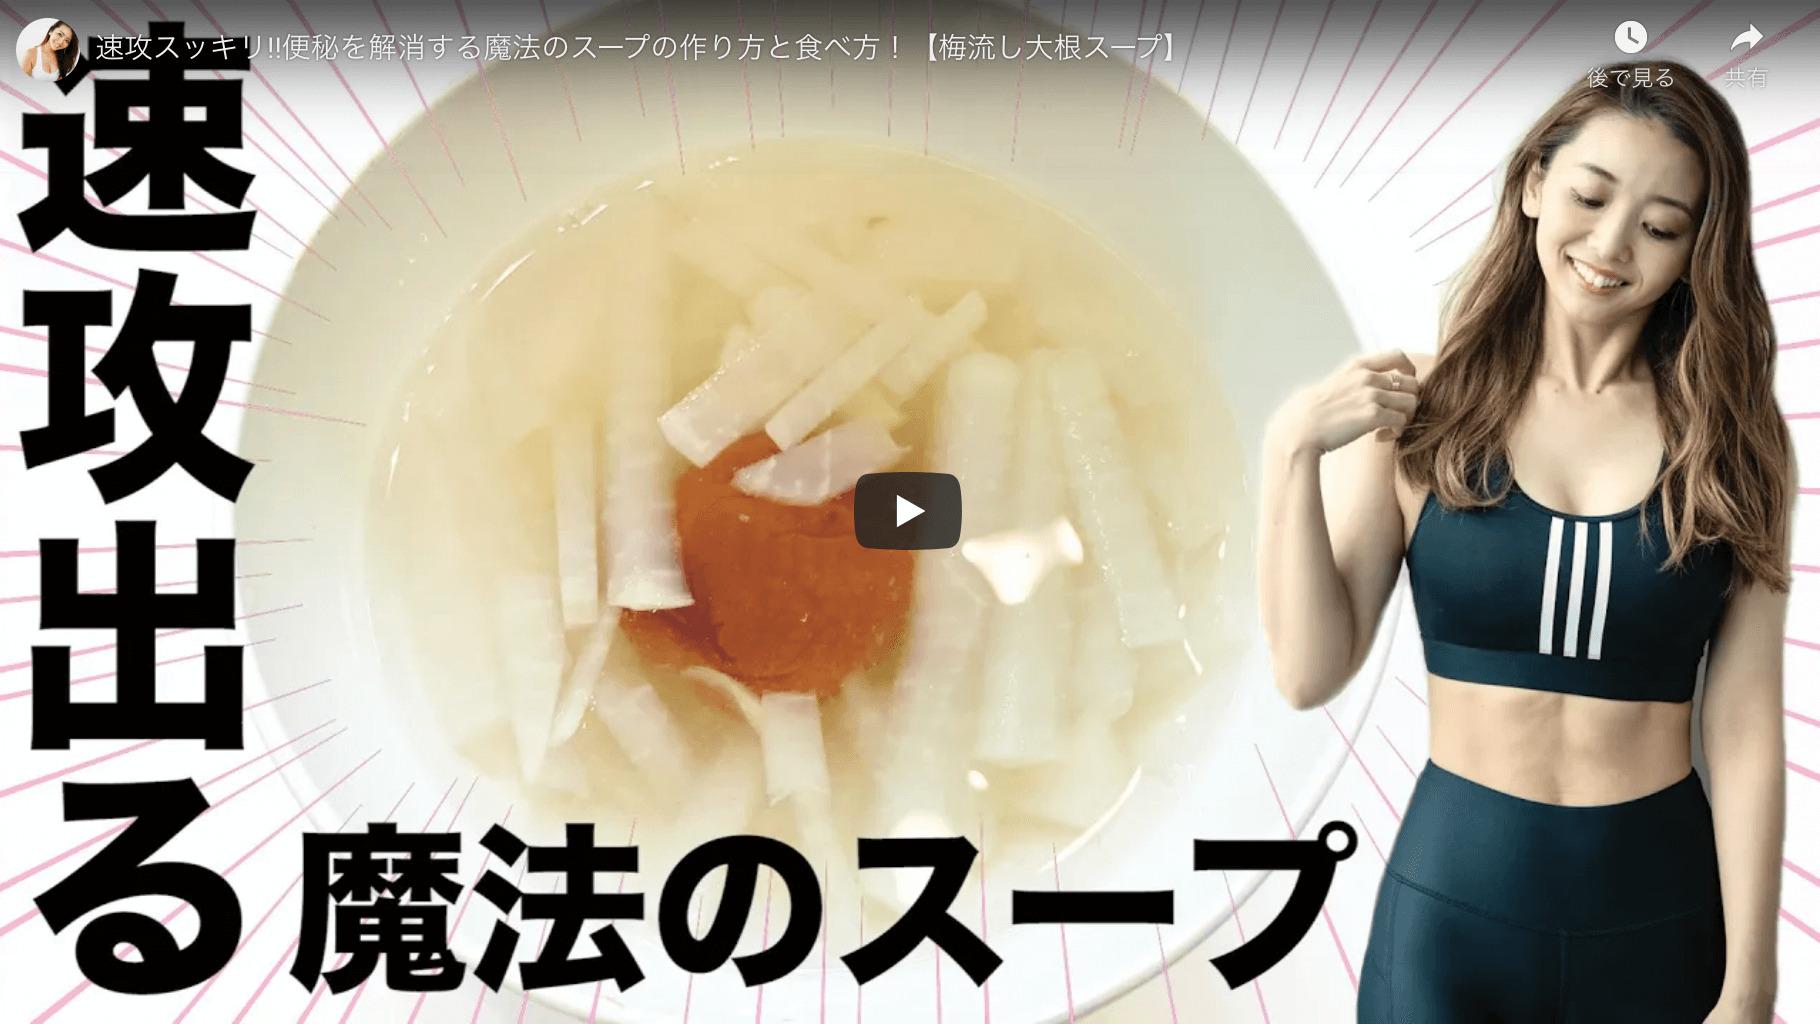 梅流し大根スープ(出る出るスープ) レシピと飲み方|竹脇まりなさんオススメのデトックススープ!